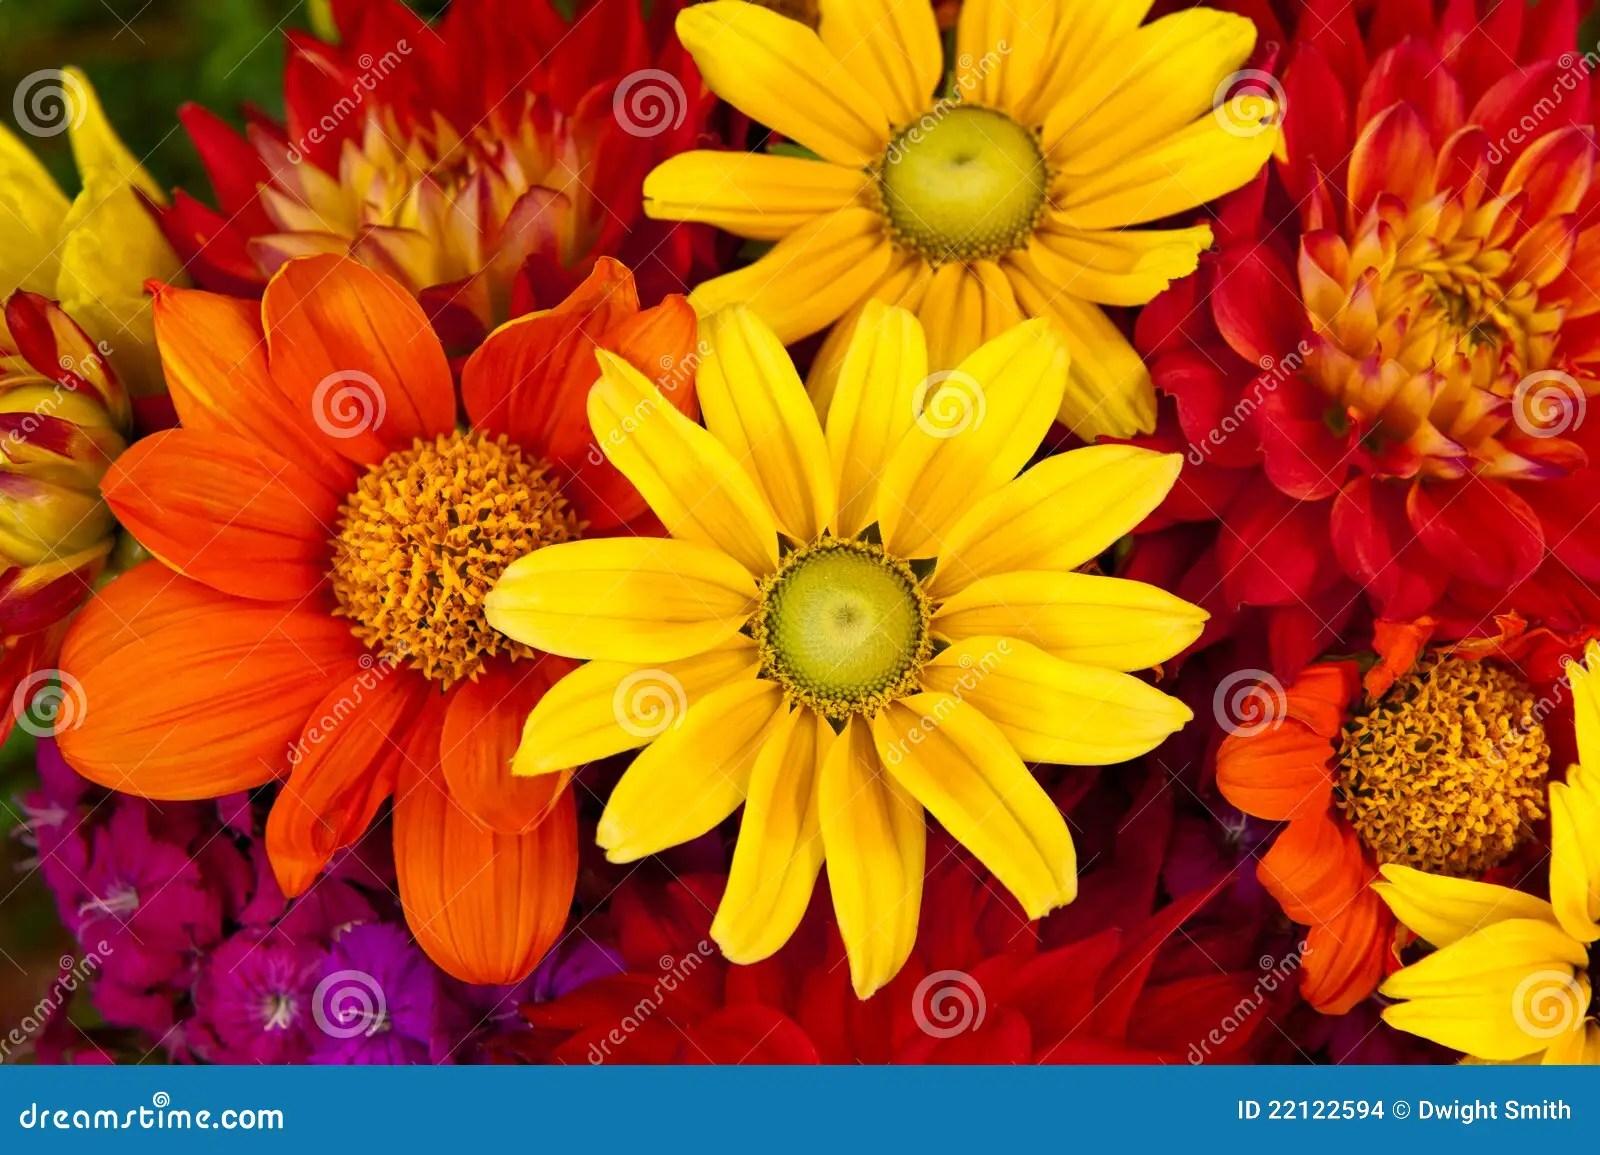 Fall Leaves Wallpaper Powerpoint Background De Bloemen Van De Herfst Stock Afbeeldingen Beeld 22122594